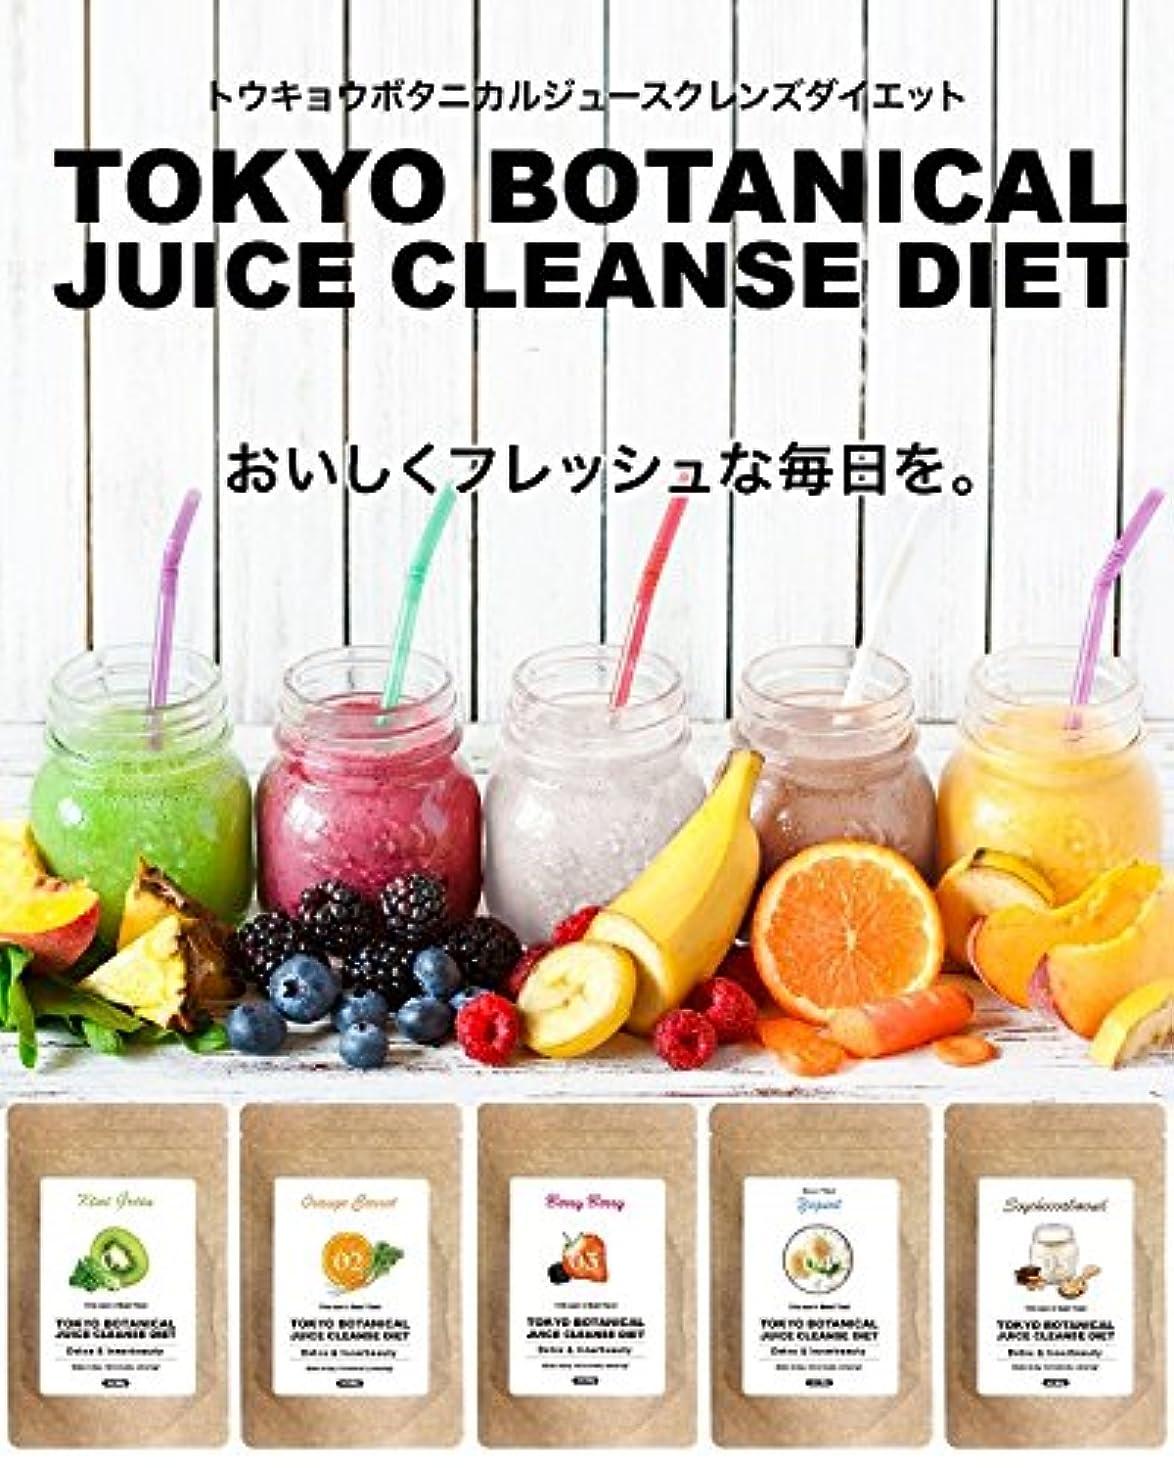 壊滅的なはちみつプラグ東京ボタニカルジュースクレンズダイエット  オレンジキャロット&ヨーグルトセット